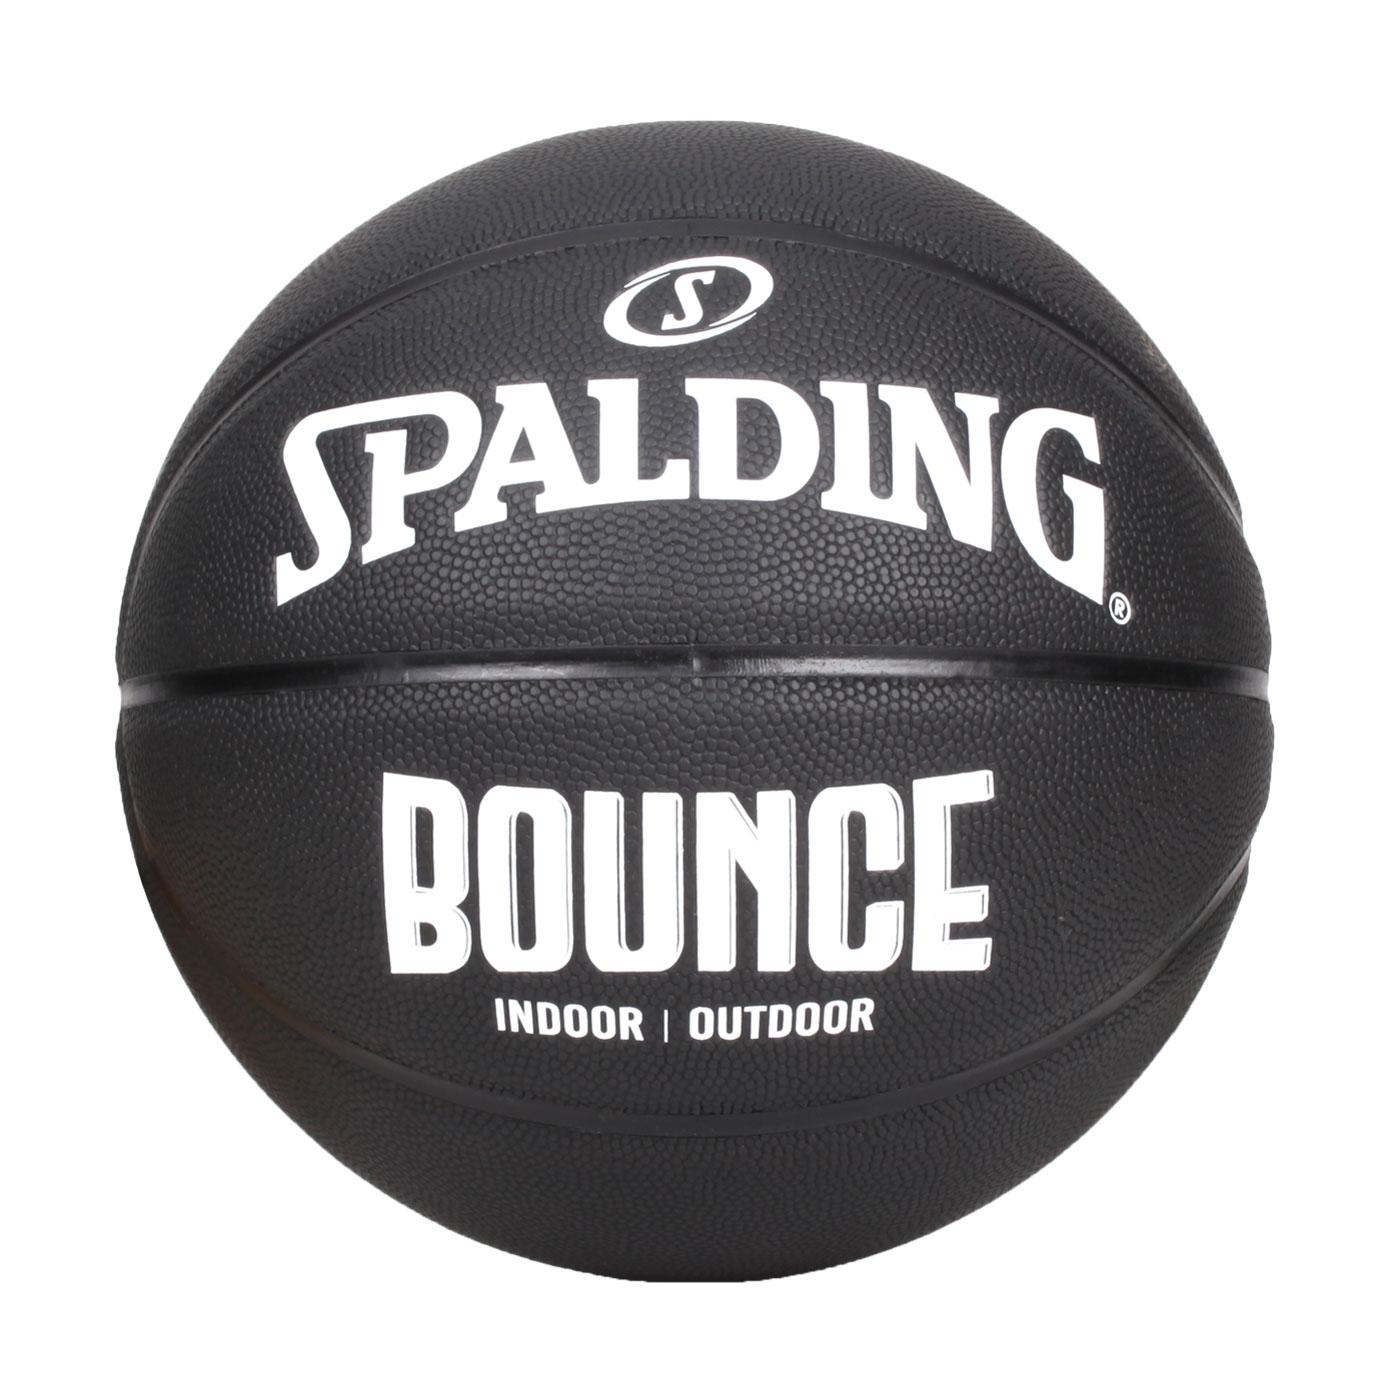 SPALDING Bounce 籃球-PU SPB91005